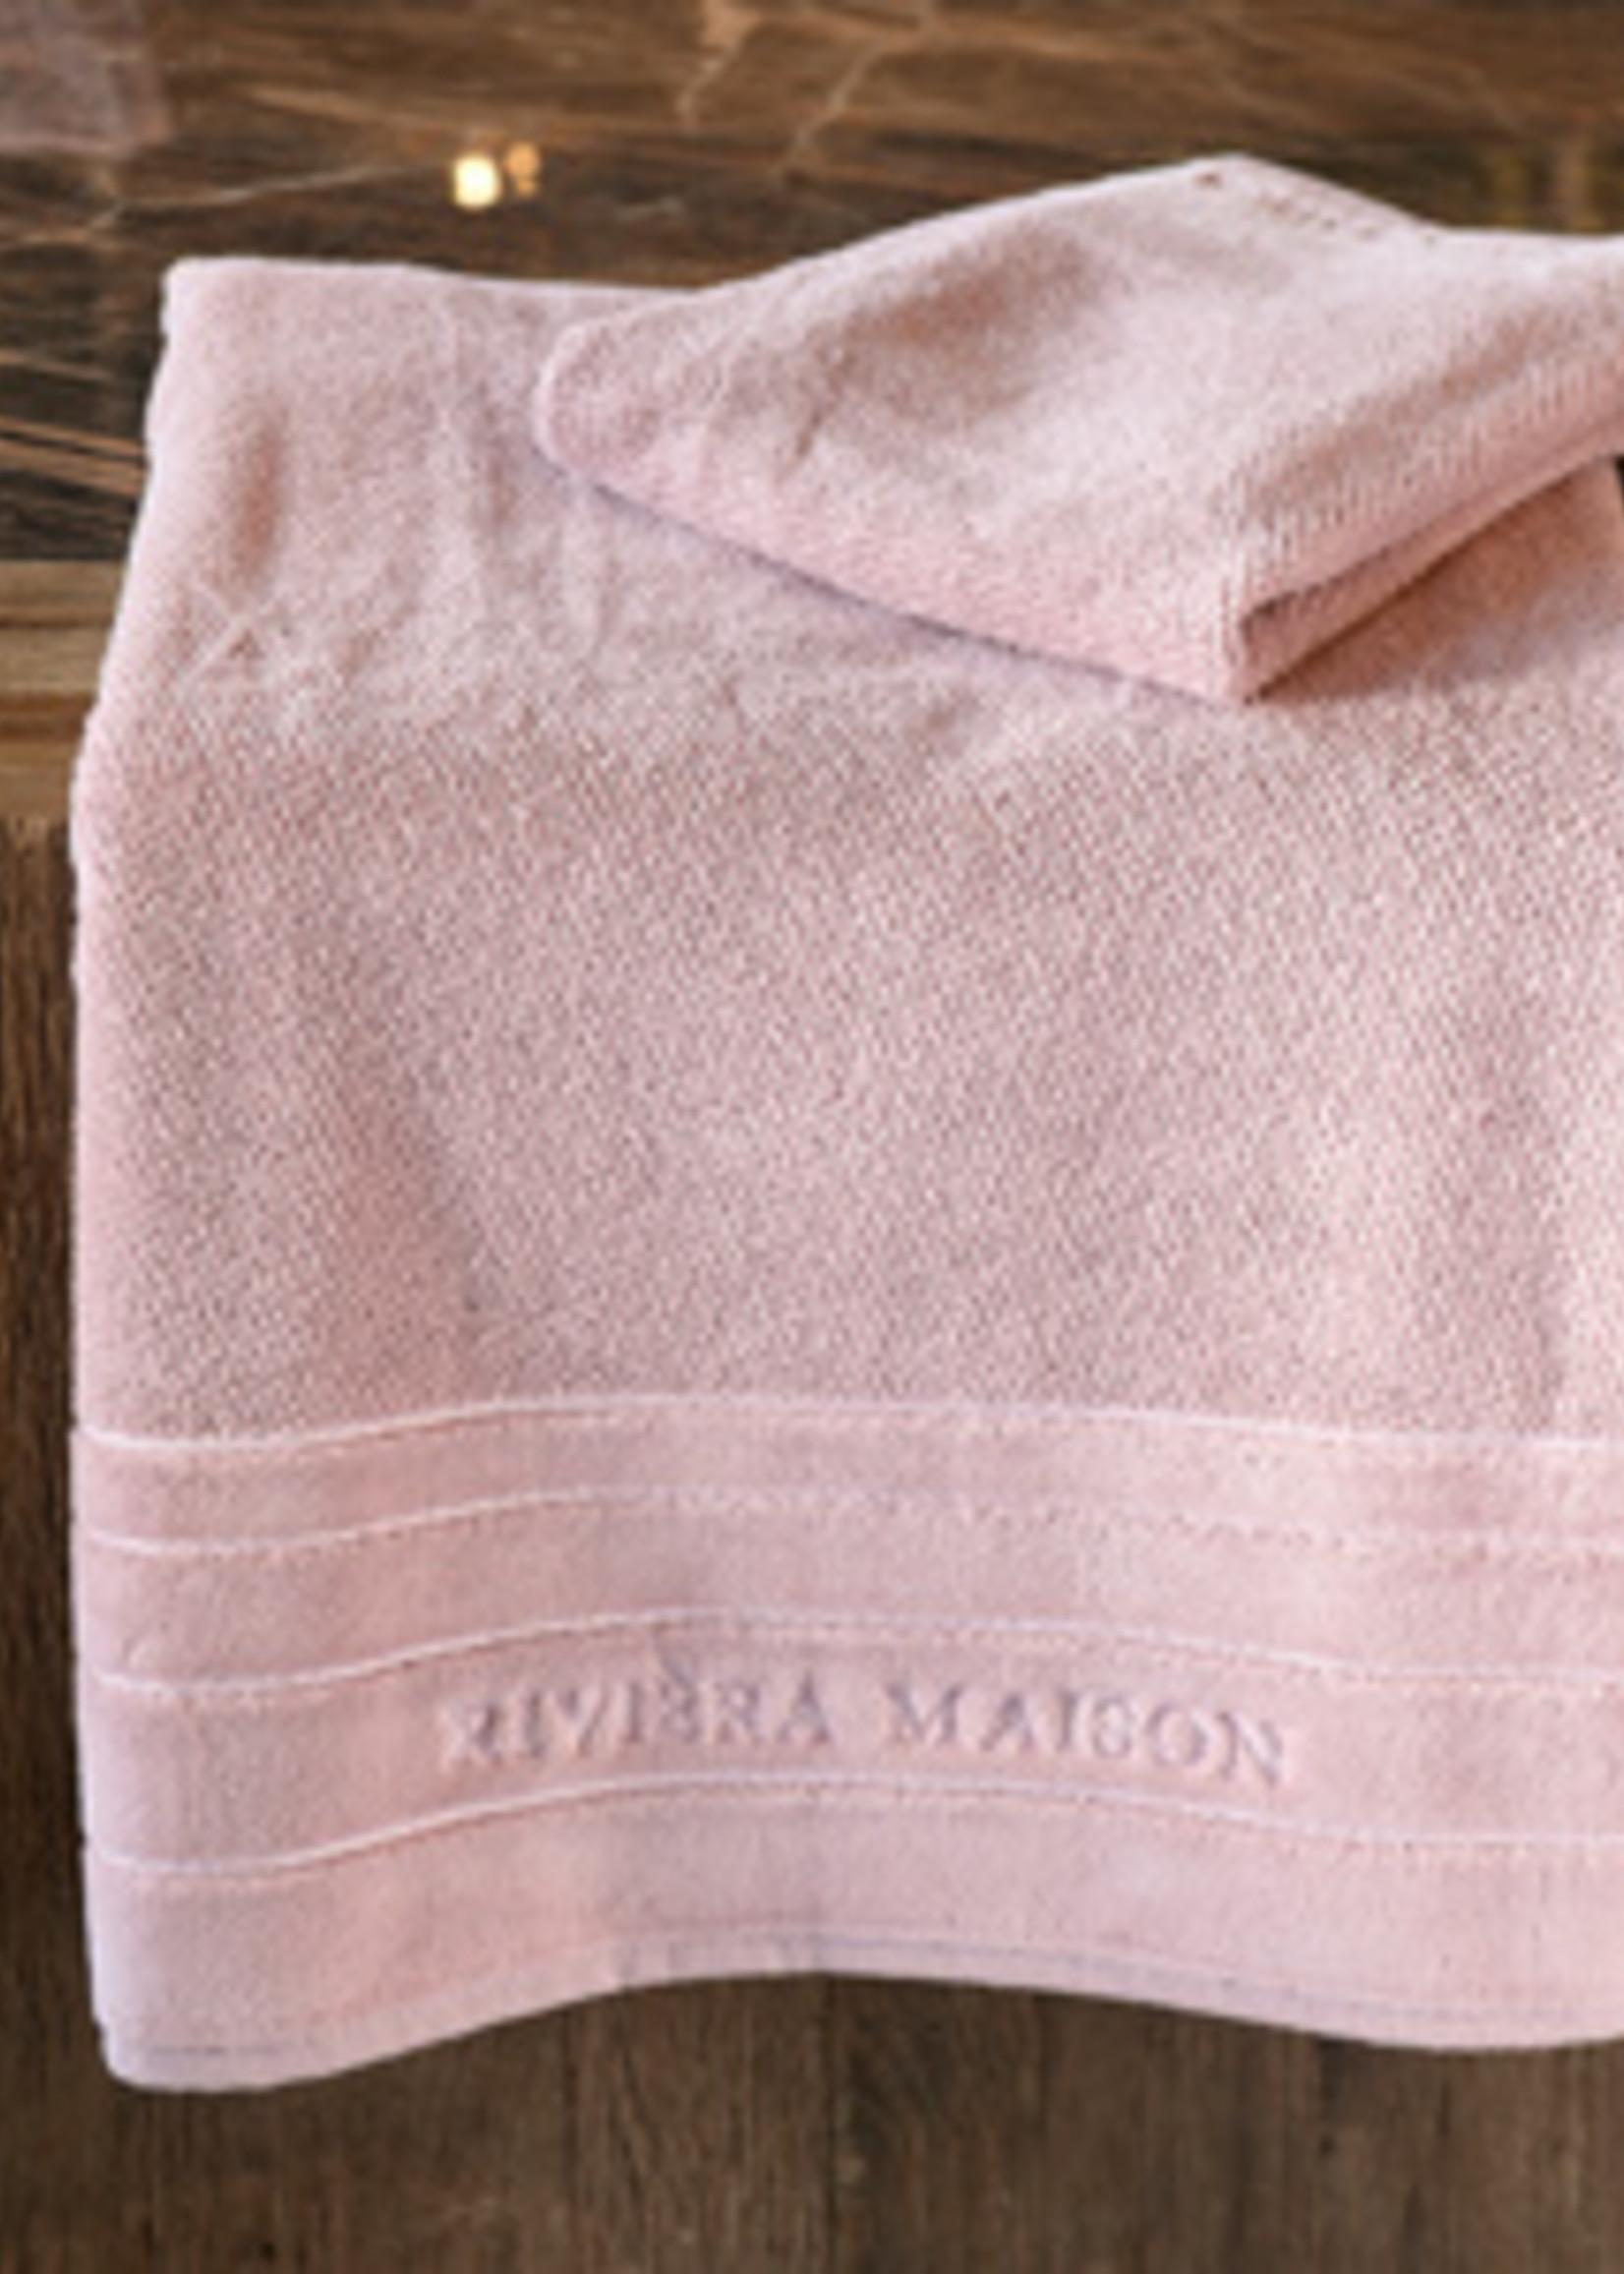 Riviera Maison RM Elegant Towel mauve 140x70